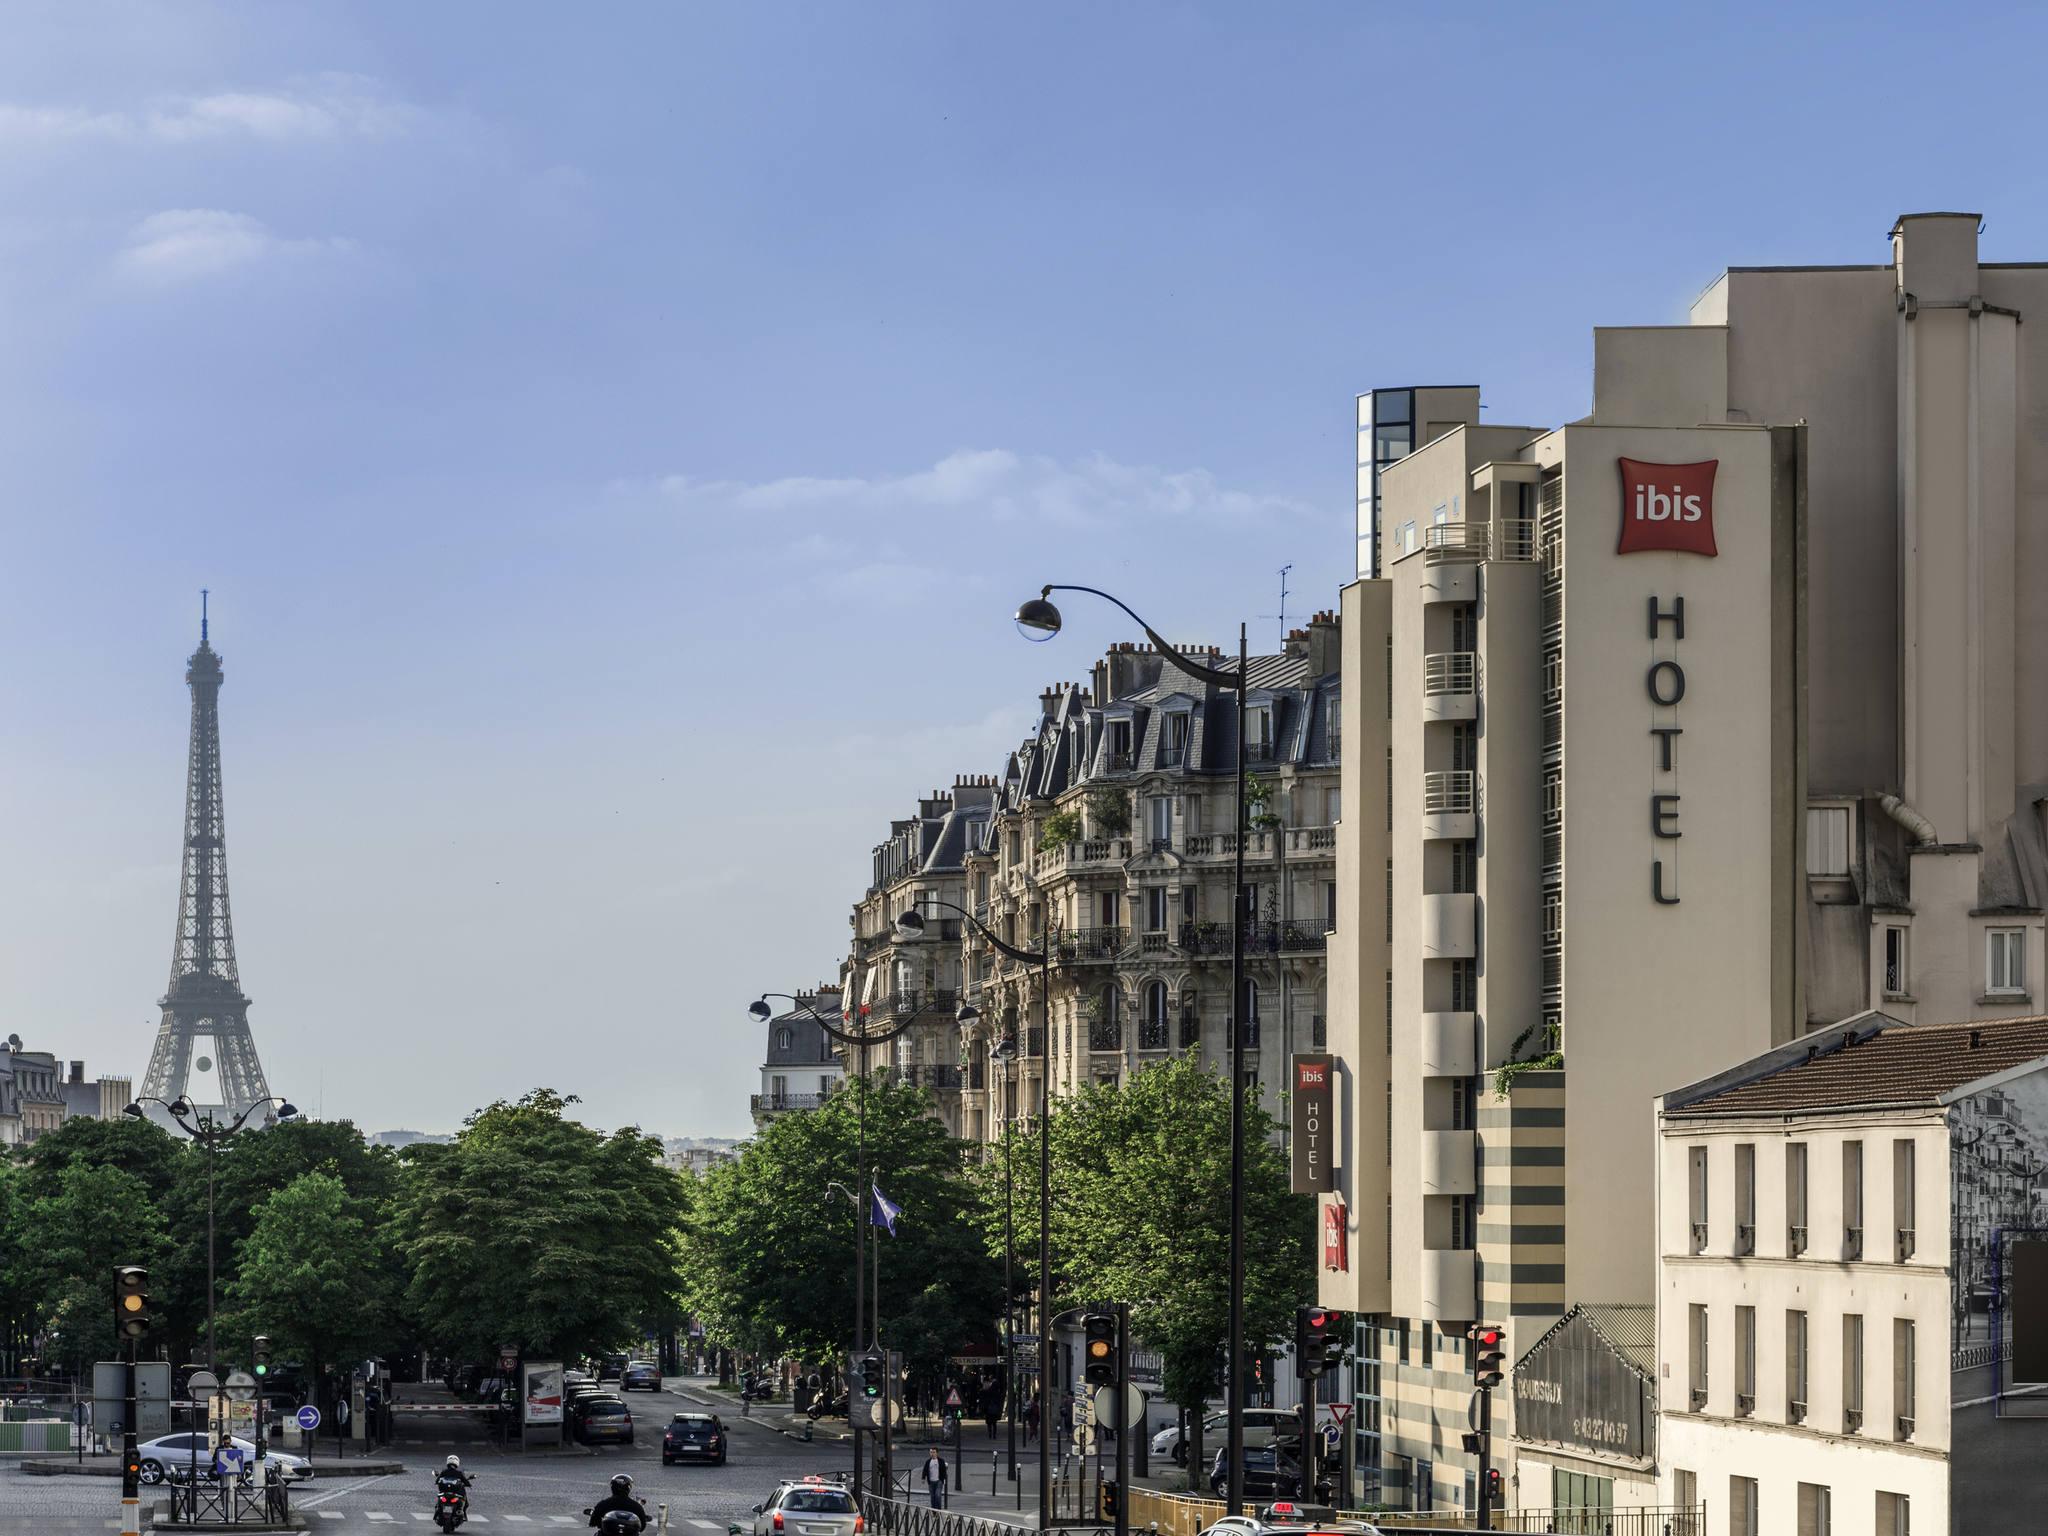 โรงแรม – ไอบิส ปารีส การ์ มงต์ปาร์นาส 15เอเม่